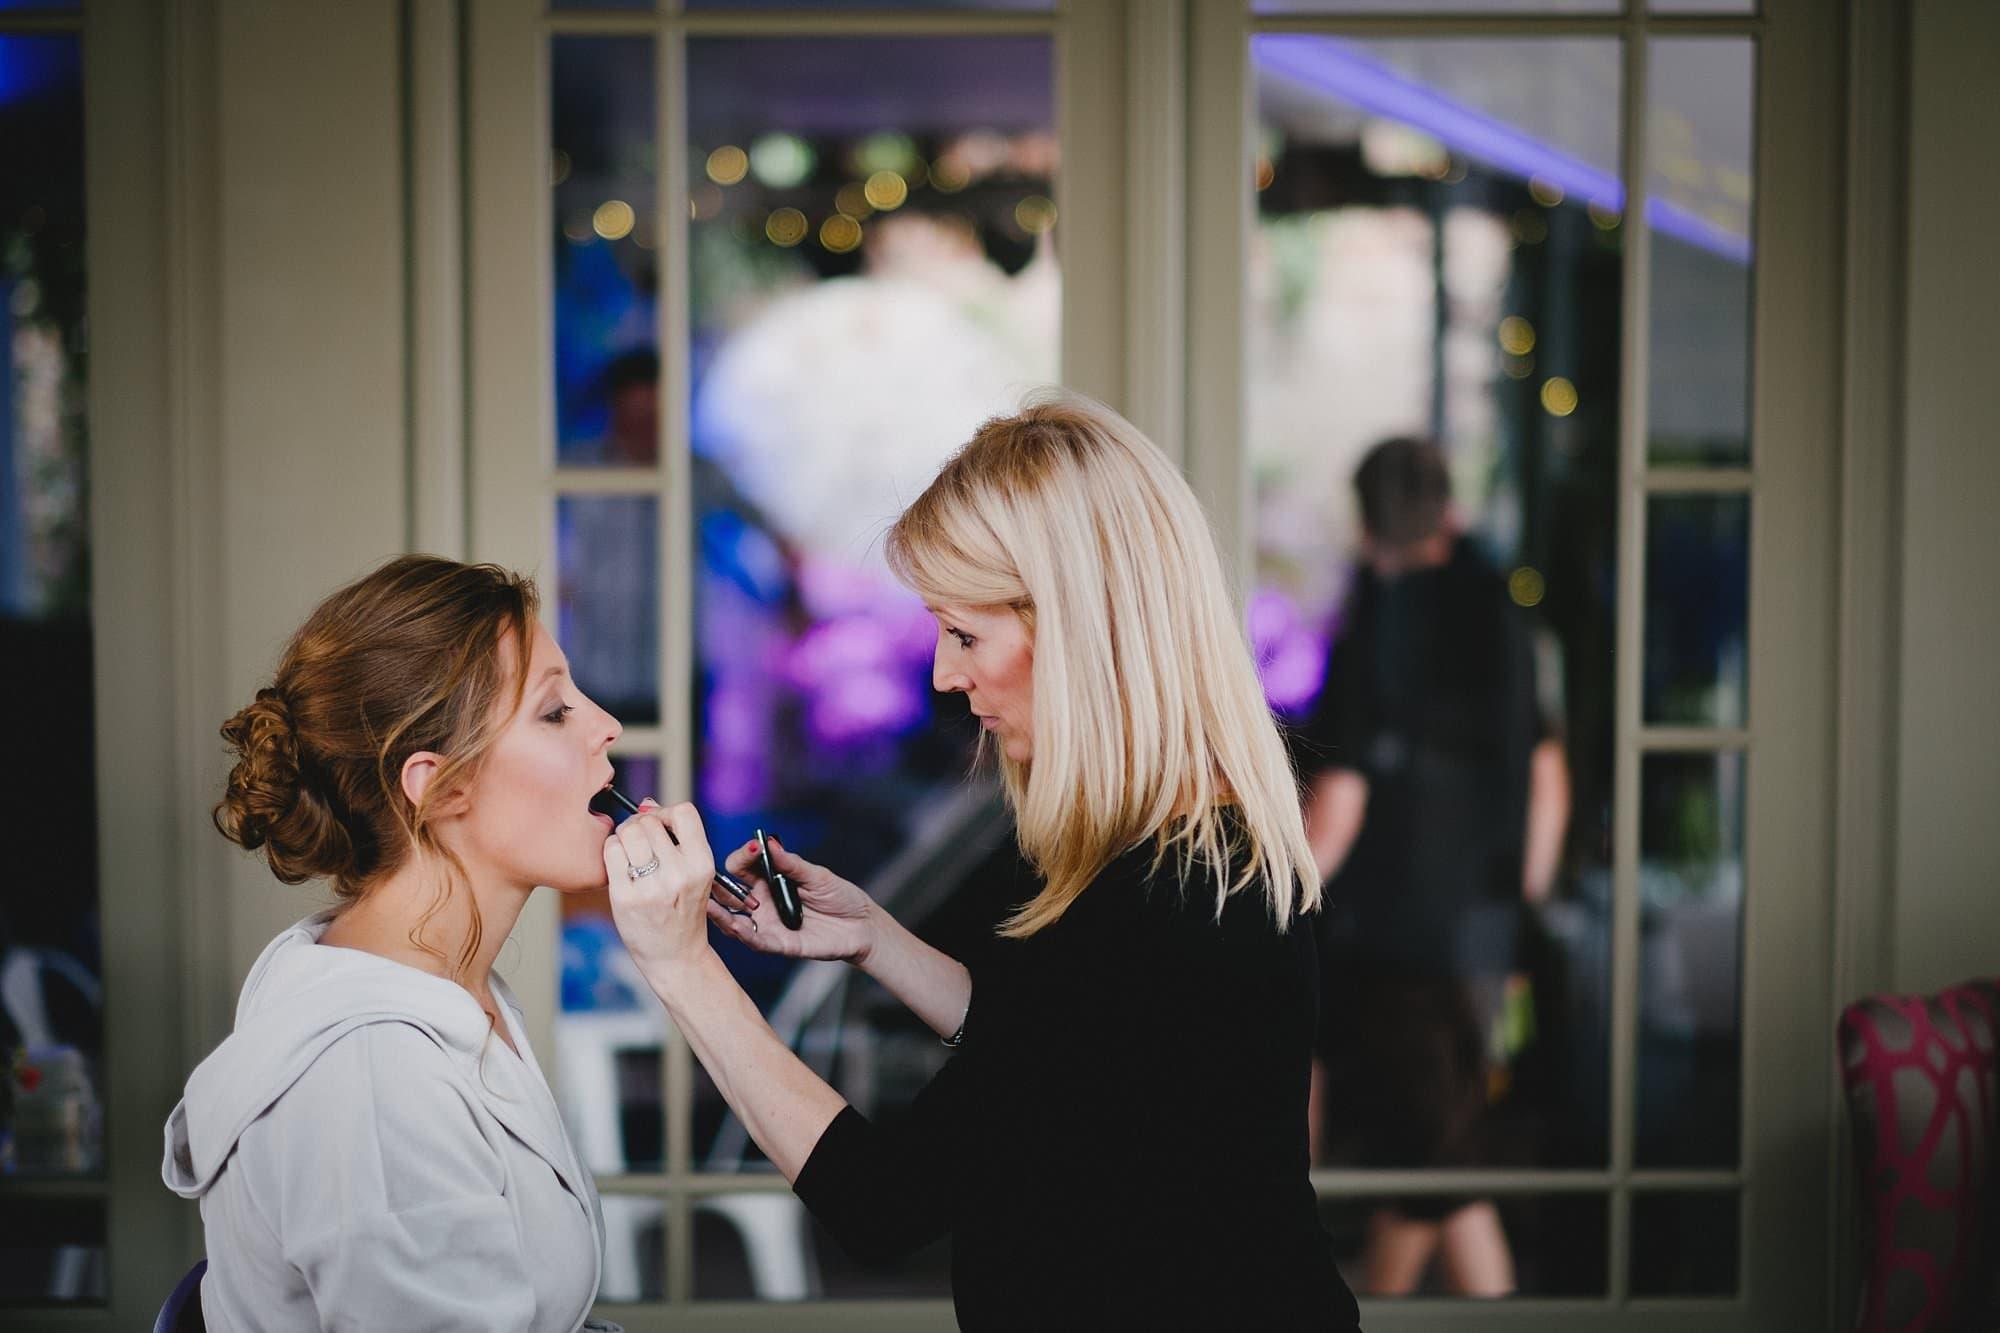 ashtead london wedding photographer 007 - Rachel & Jonny's Ashtead Wedding